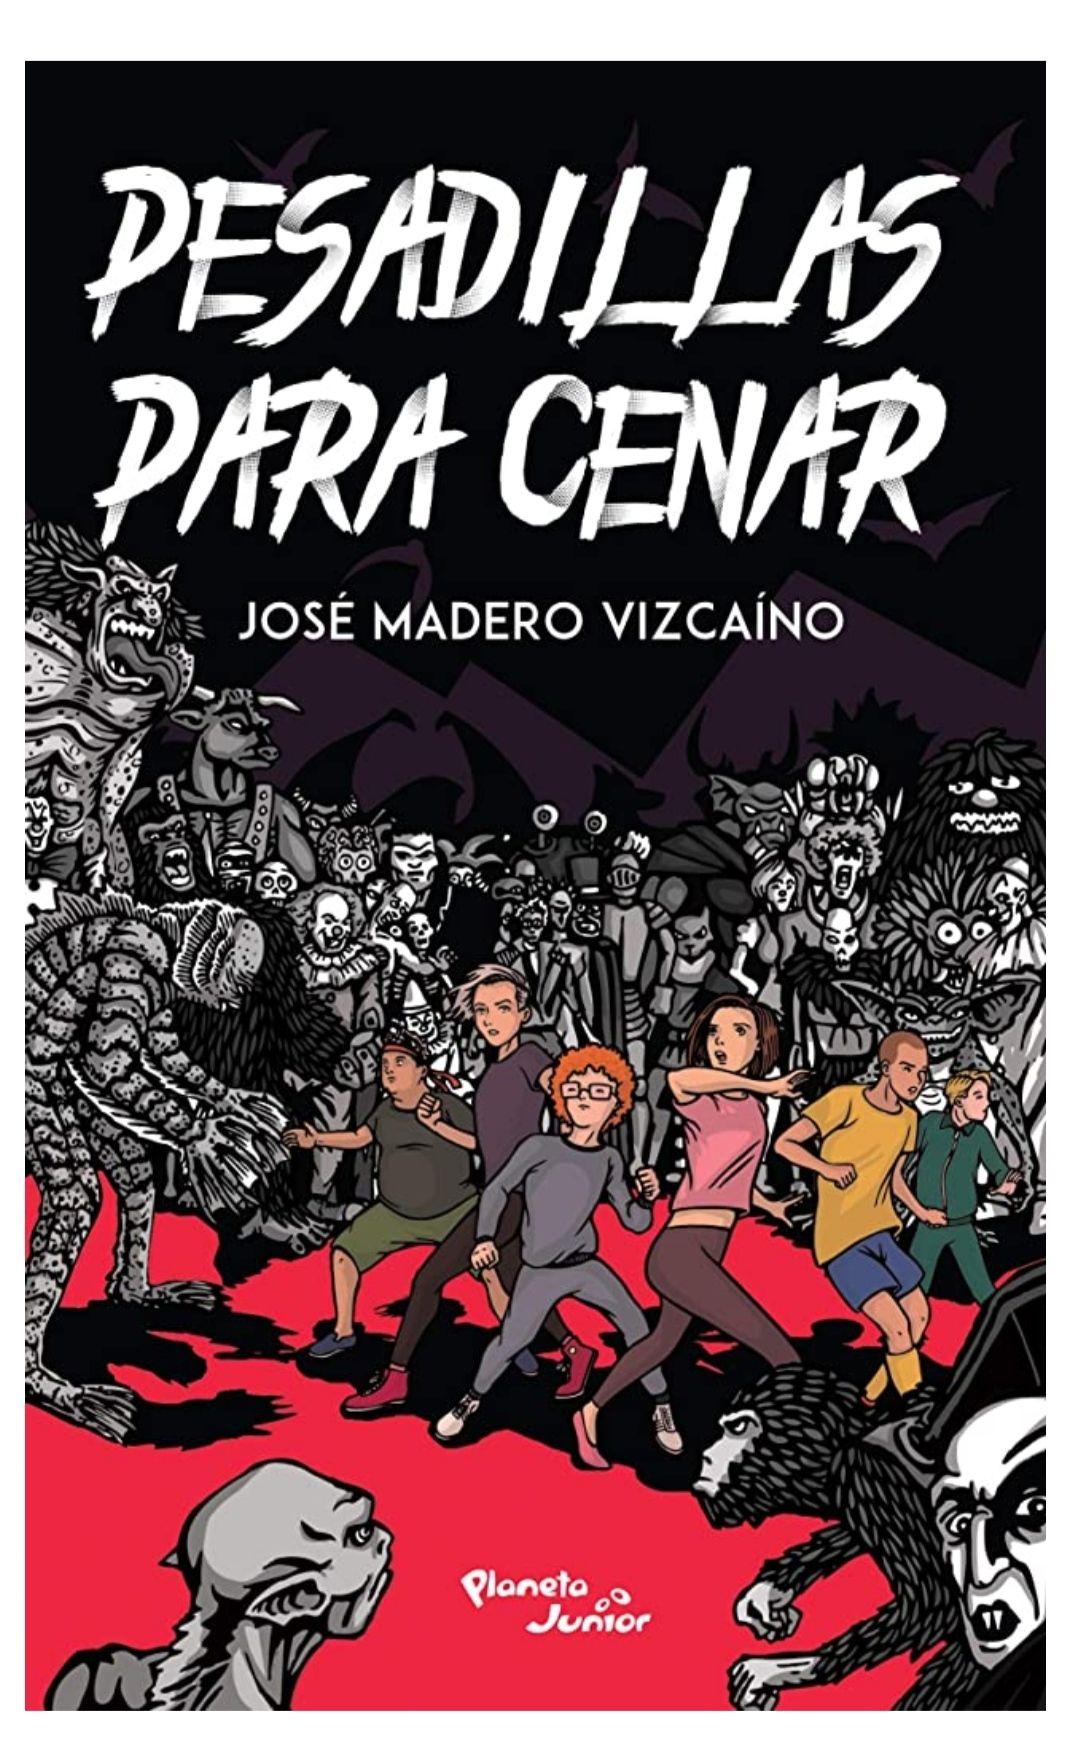 Amazon: Pesadillas para cenar - José Madero